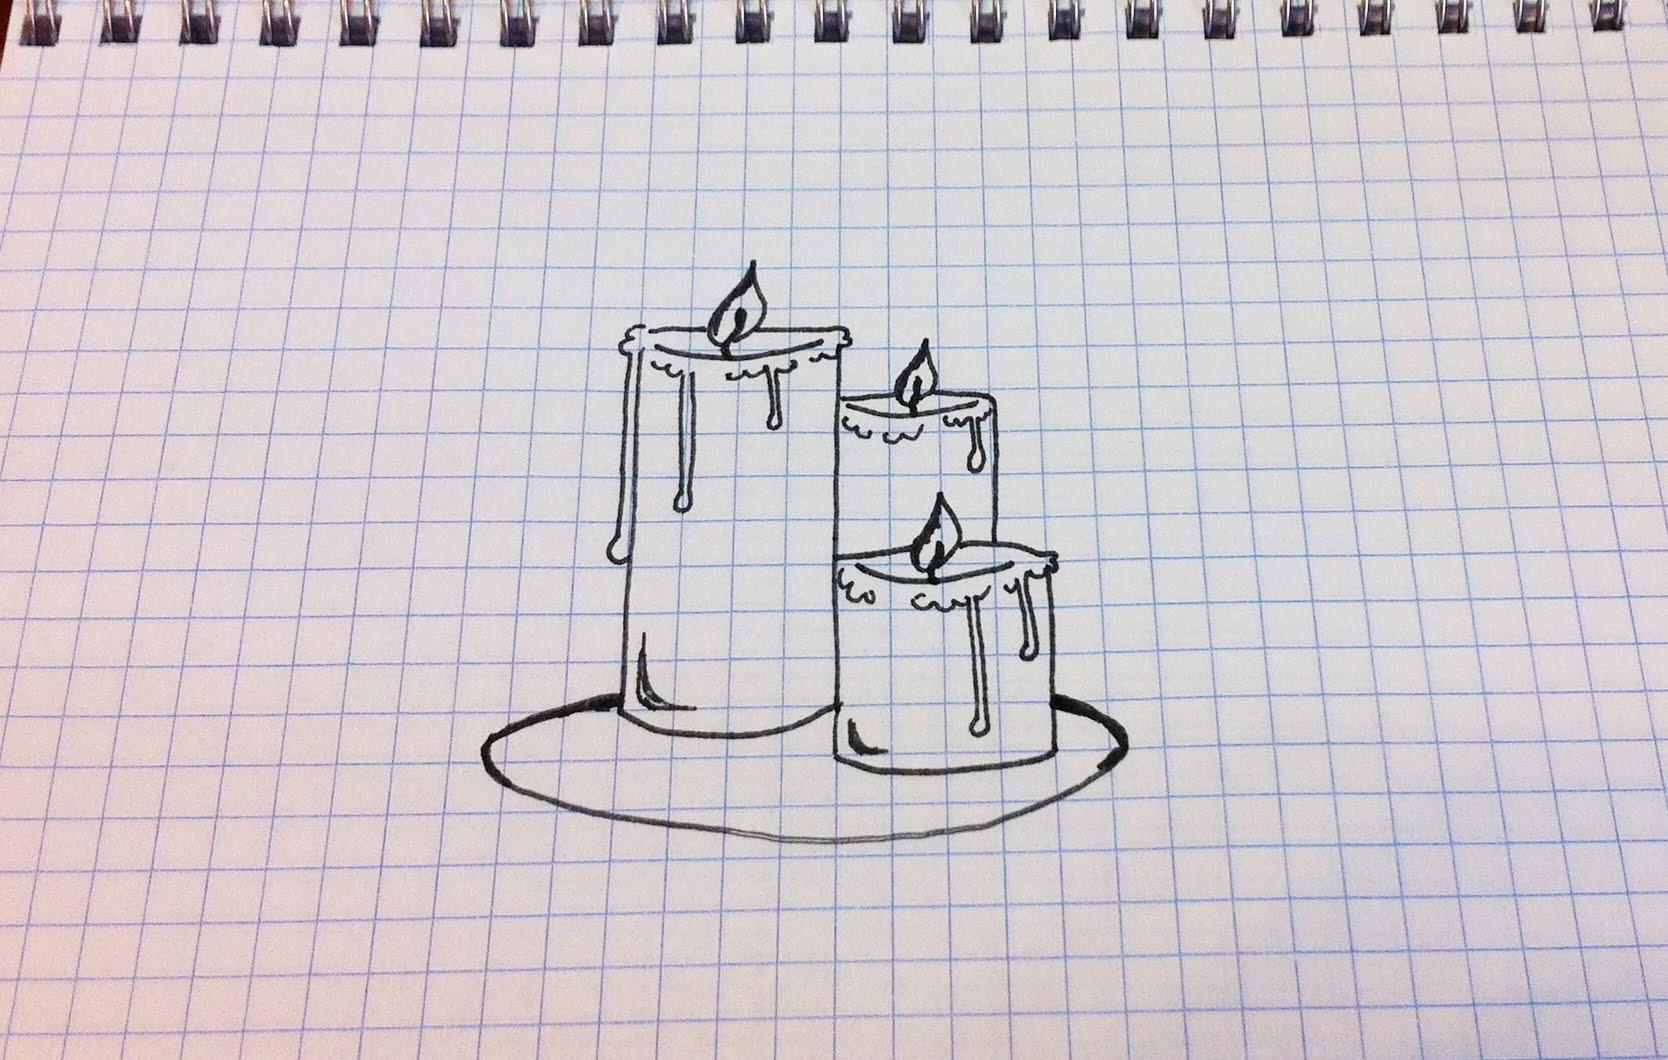 рисунки карандашом по клеточкам прикольные в тетради проповеди виде комиксов